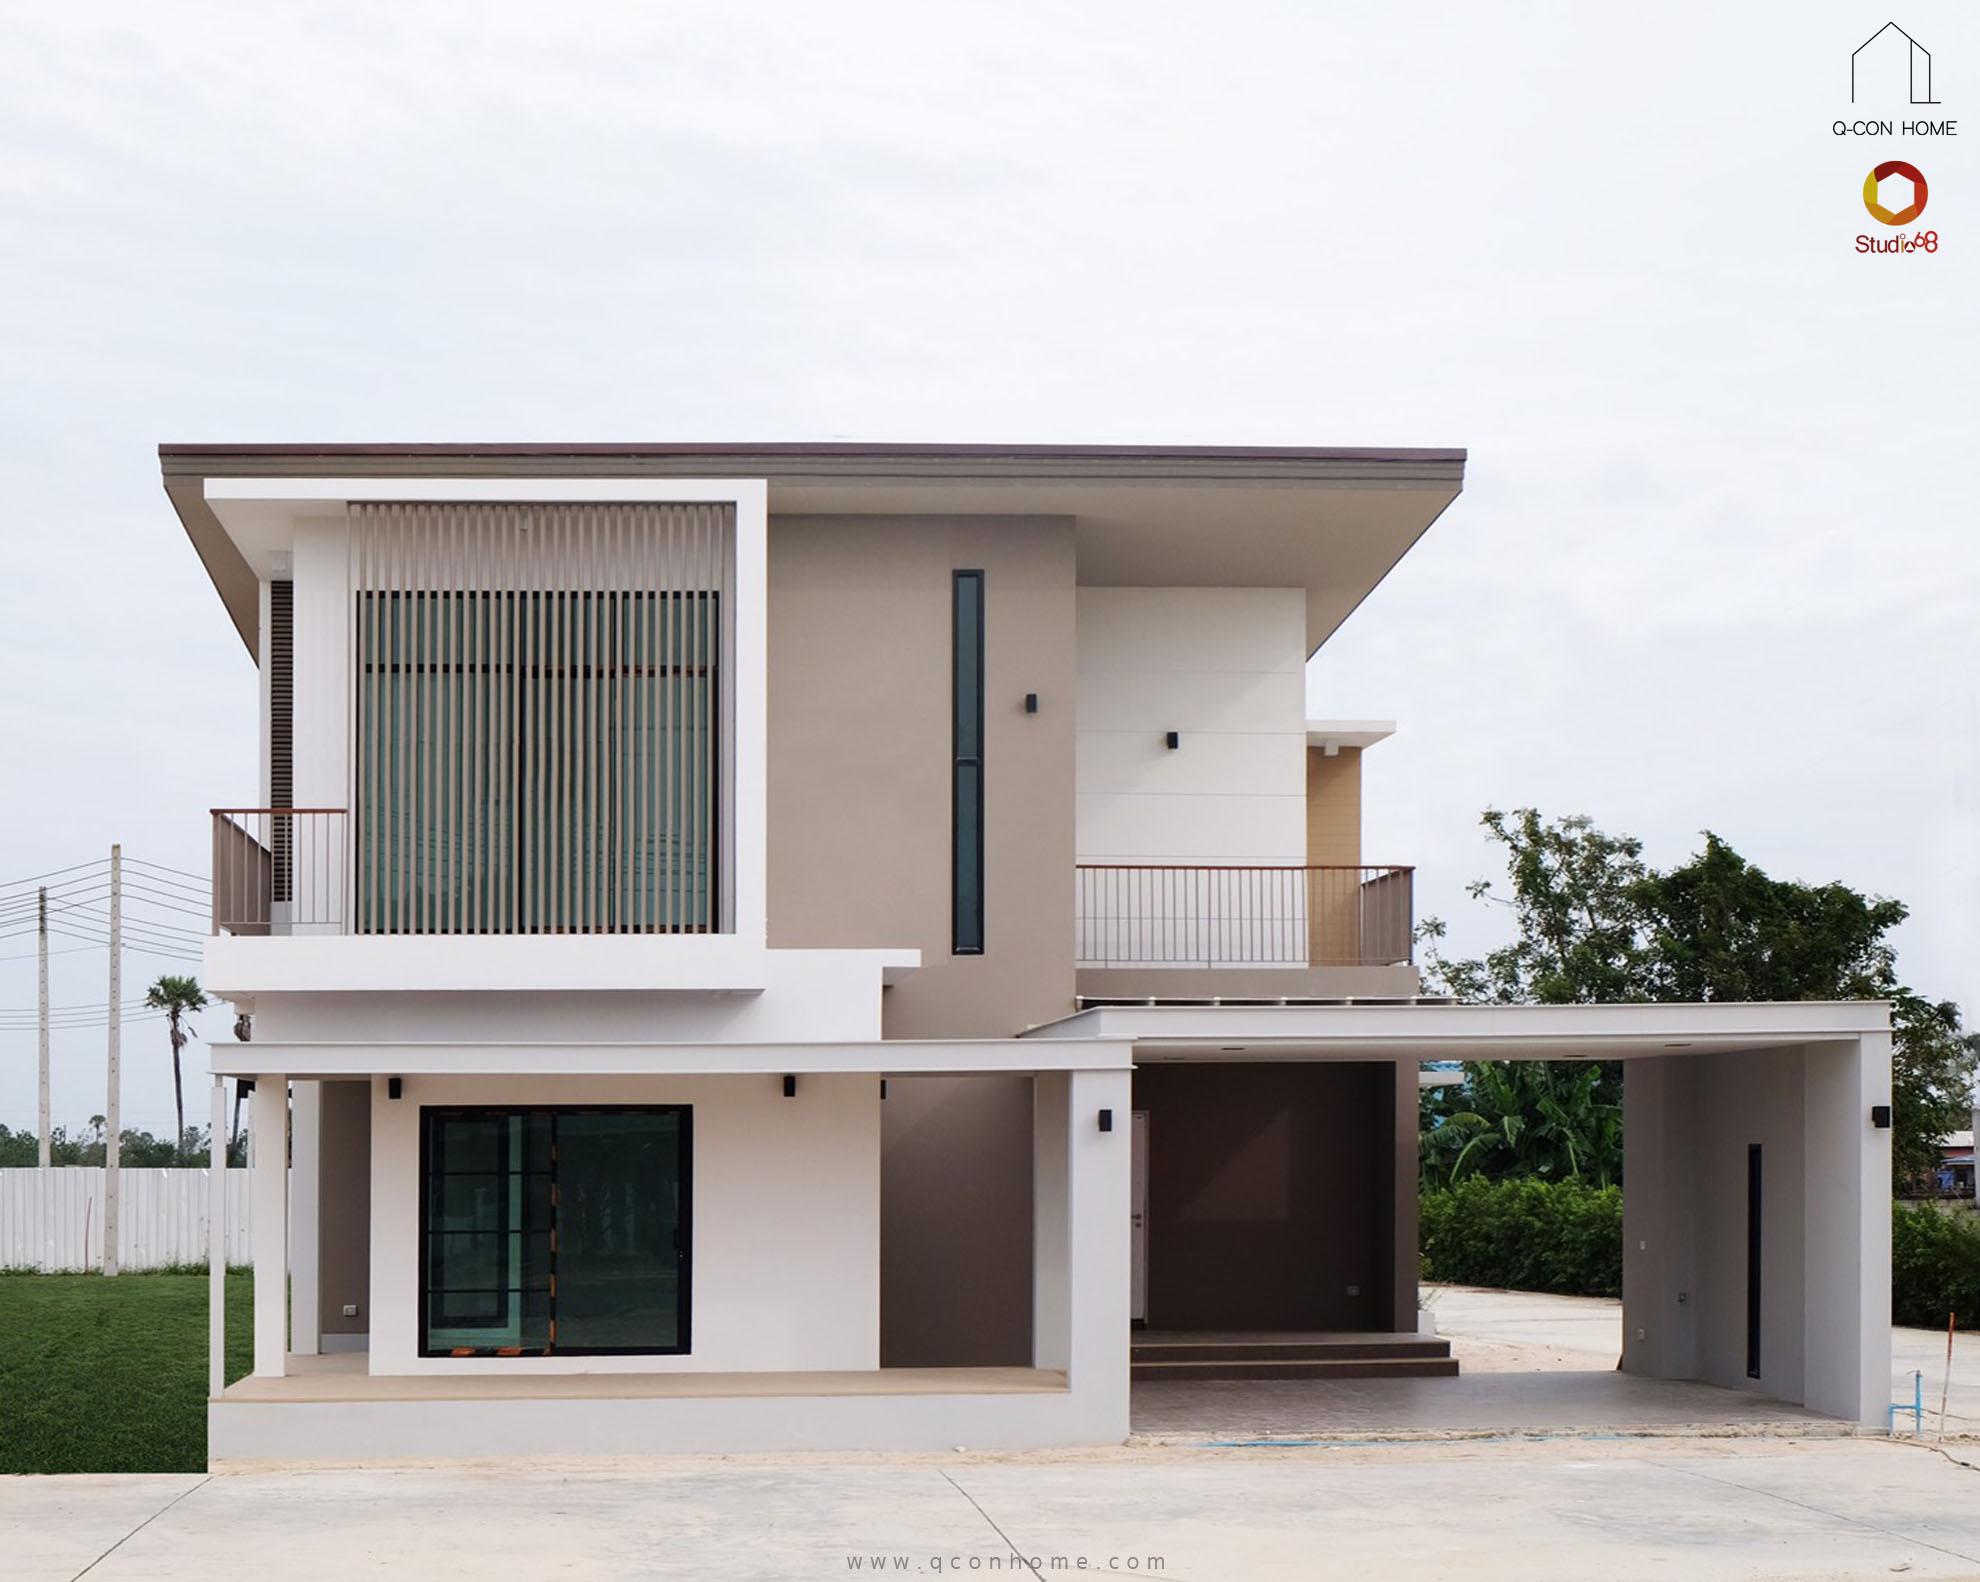 The-Bright-5-Architecture-qconhome-contractor